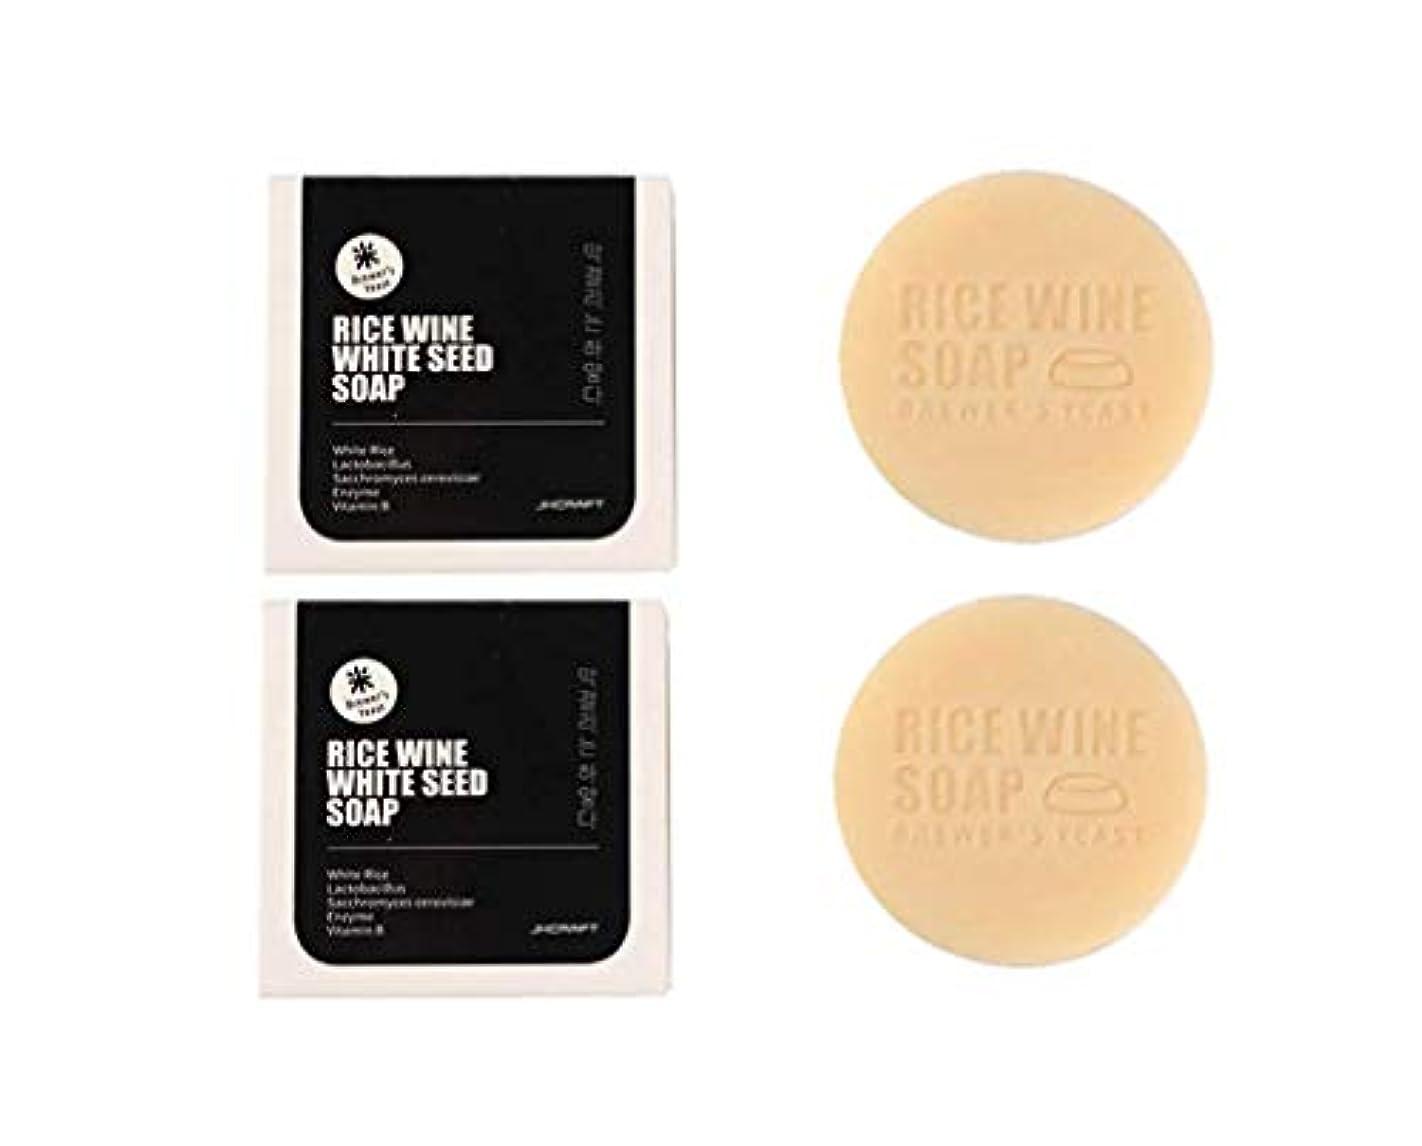 ブラウス成熟メディアJKCRAFT RICEWINE WHITE SEED SOAP マッコリ酵母石鹸,無添加,無刺激,天然洗顔石鹸 2pcs [並行輸入品]